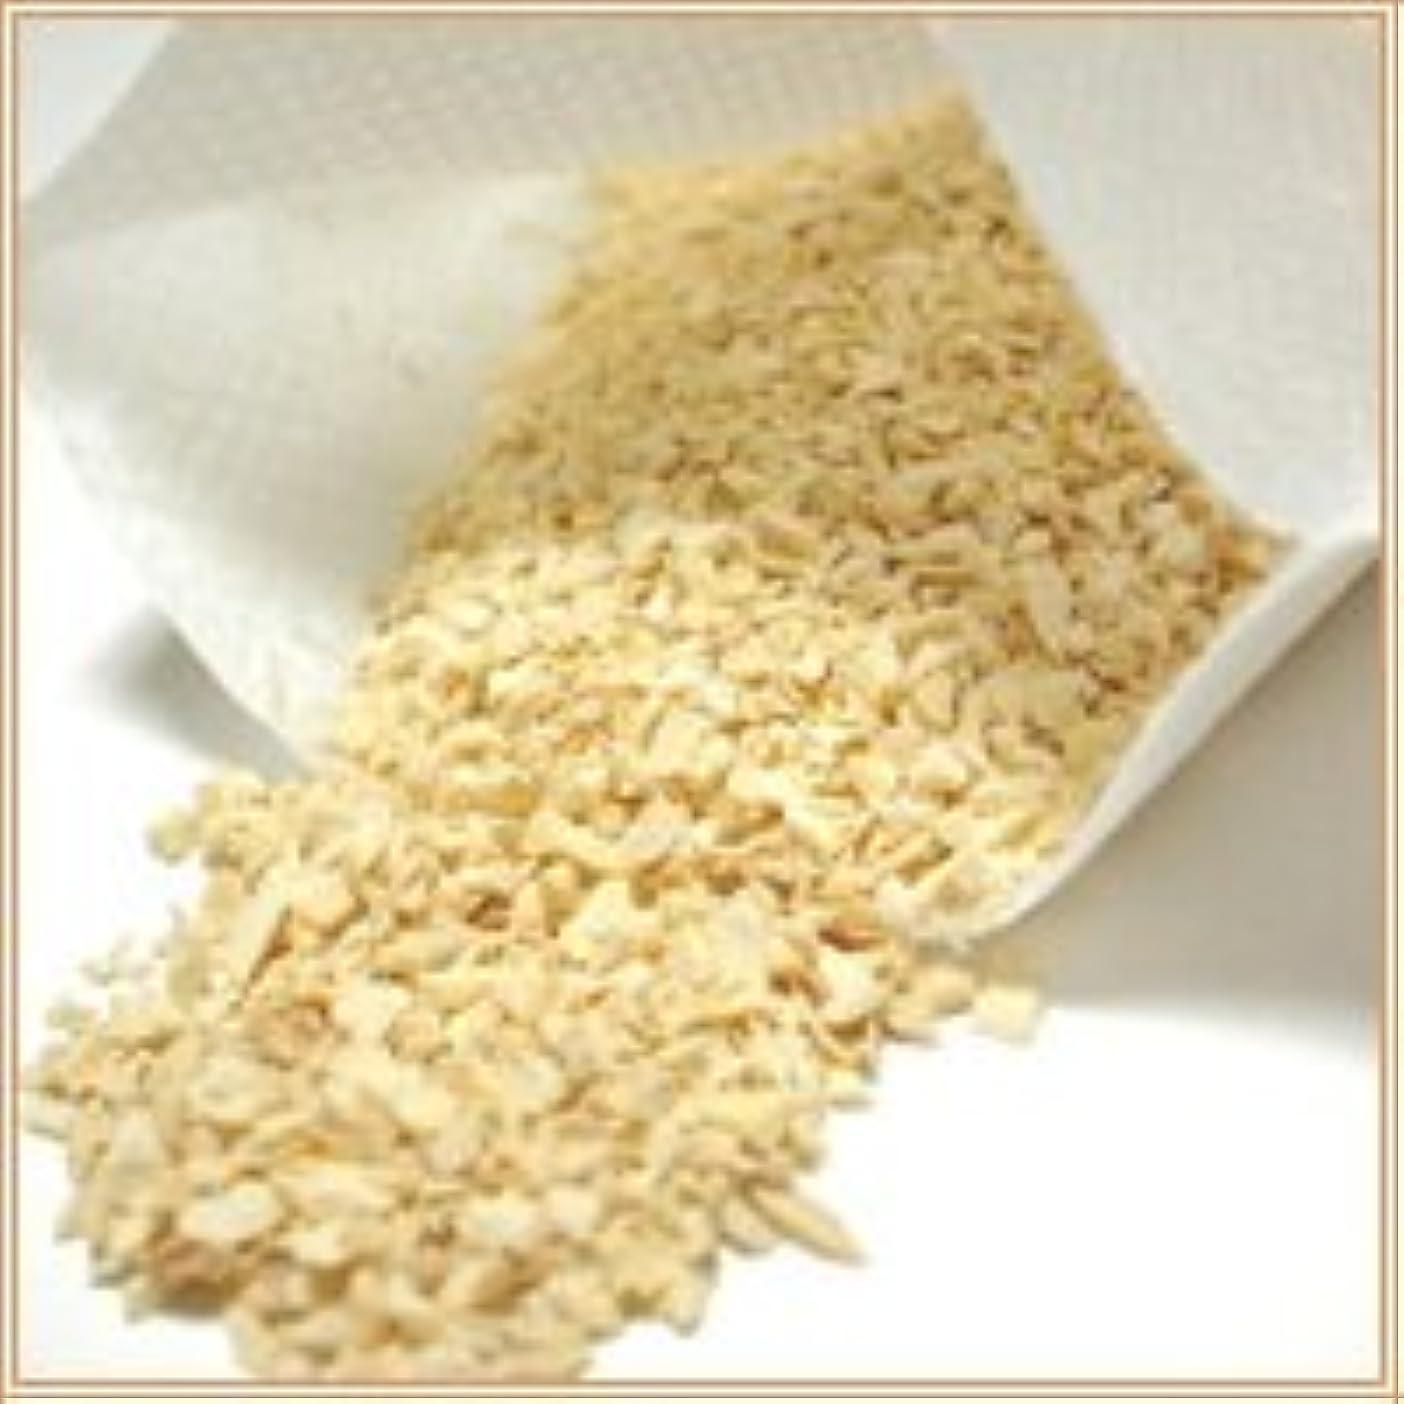 カウント選ぶ損なう生姜(ショウガ)の湯(15g×10袋)